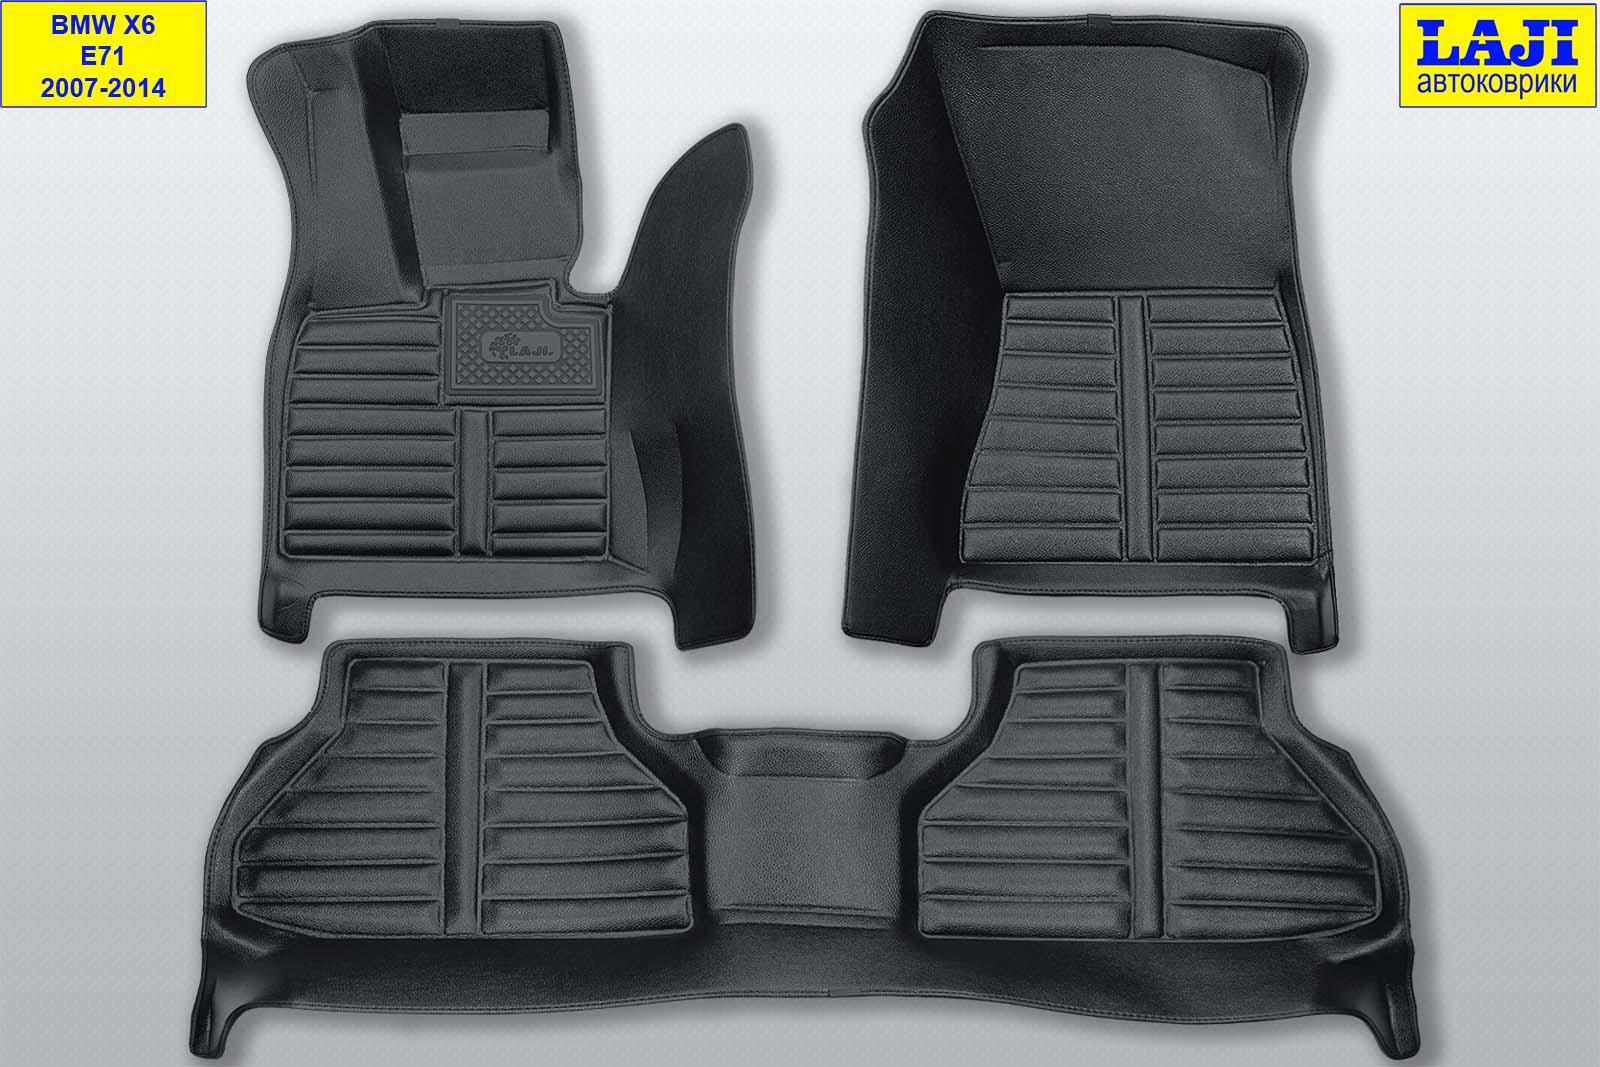 5D коврики в салон BMW X6 (E71) 2007-2014 1